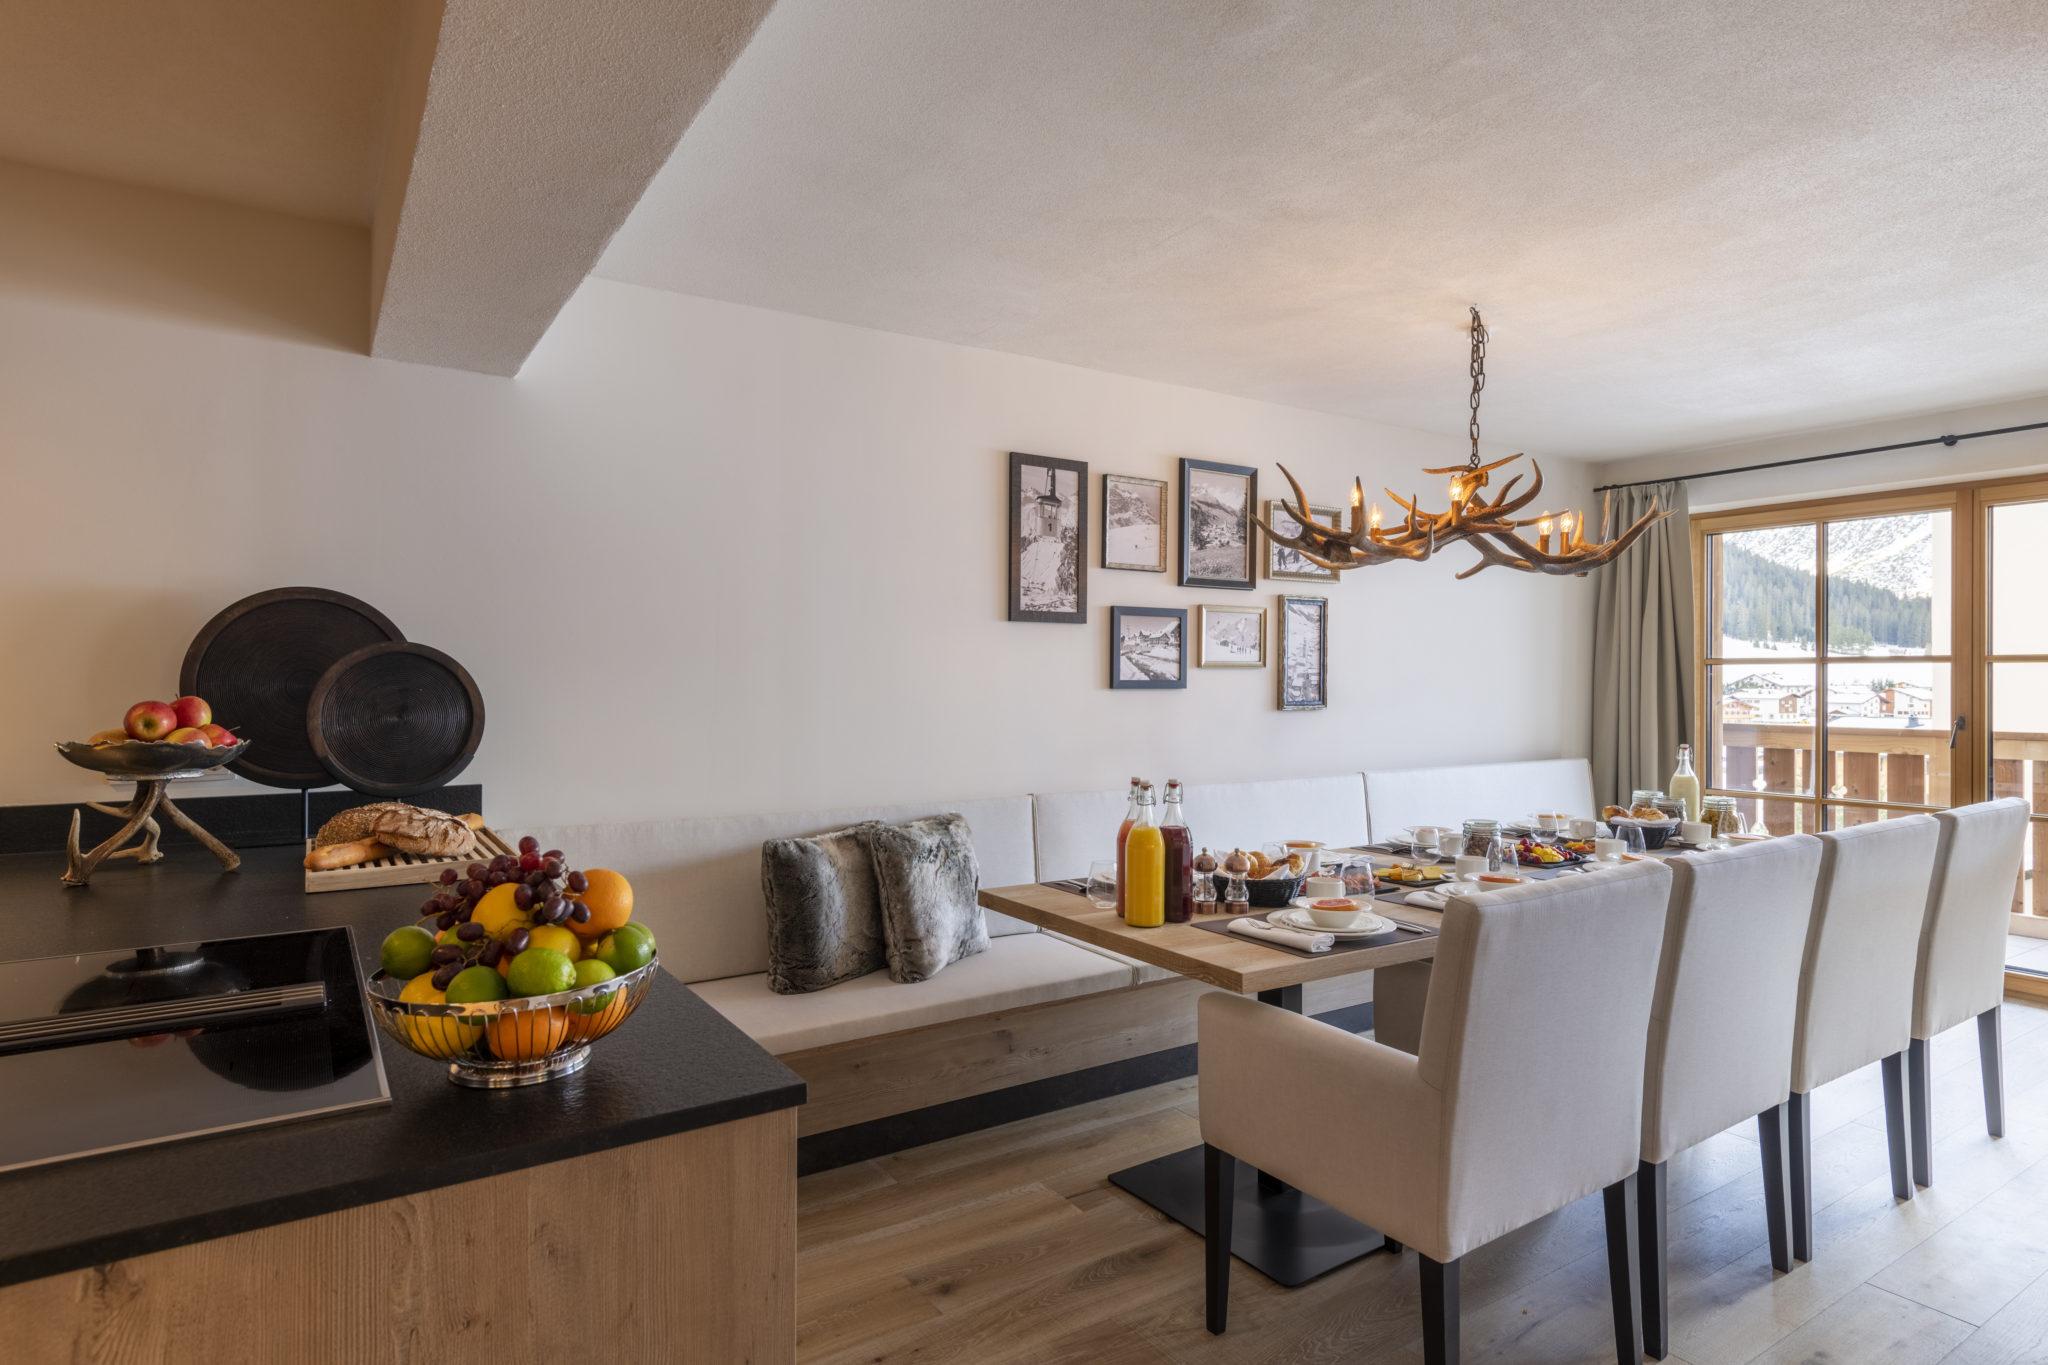 brunnenhof-3-11330-scaled